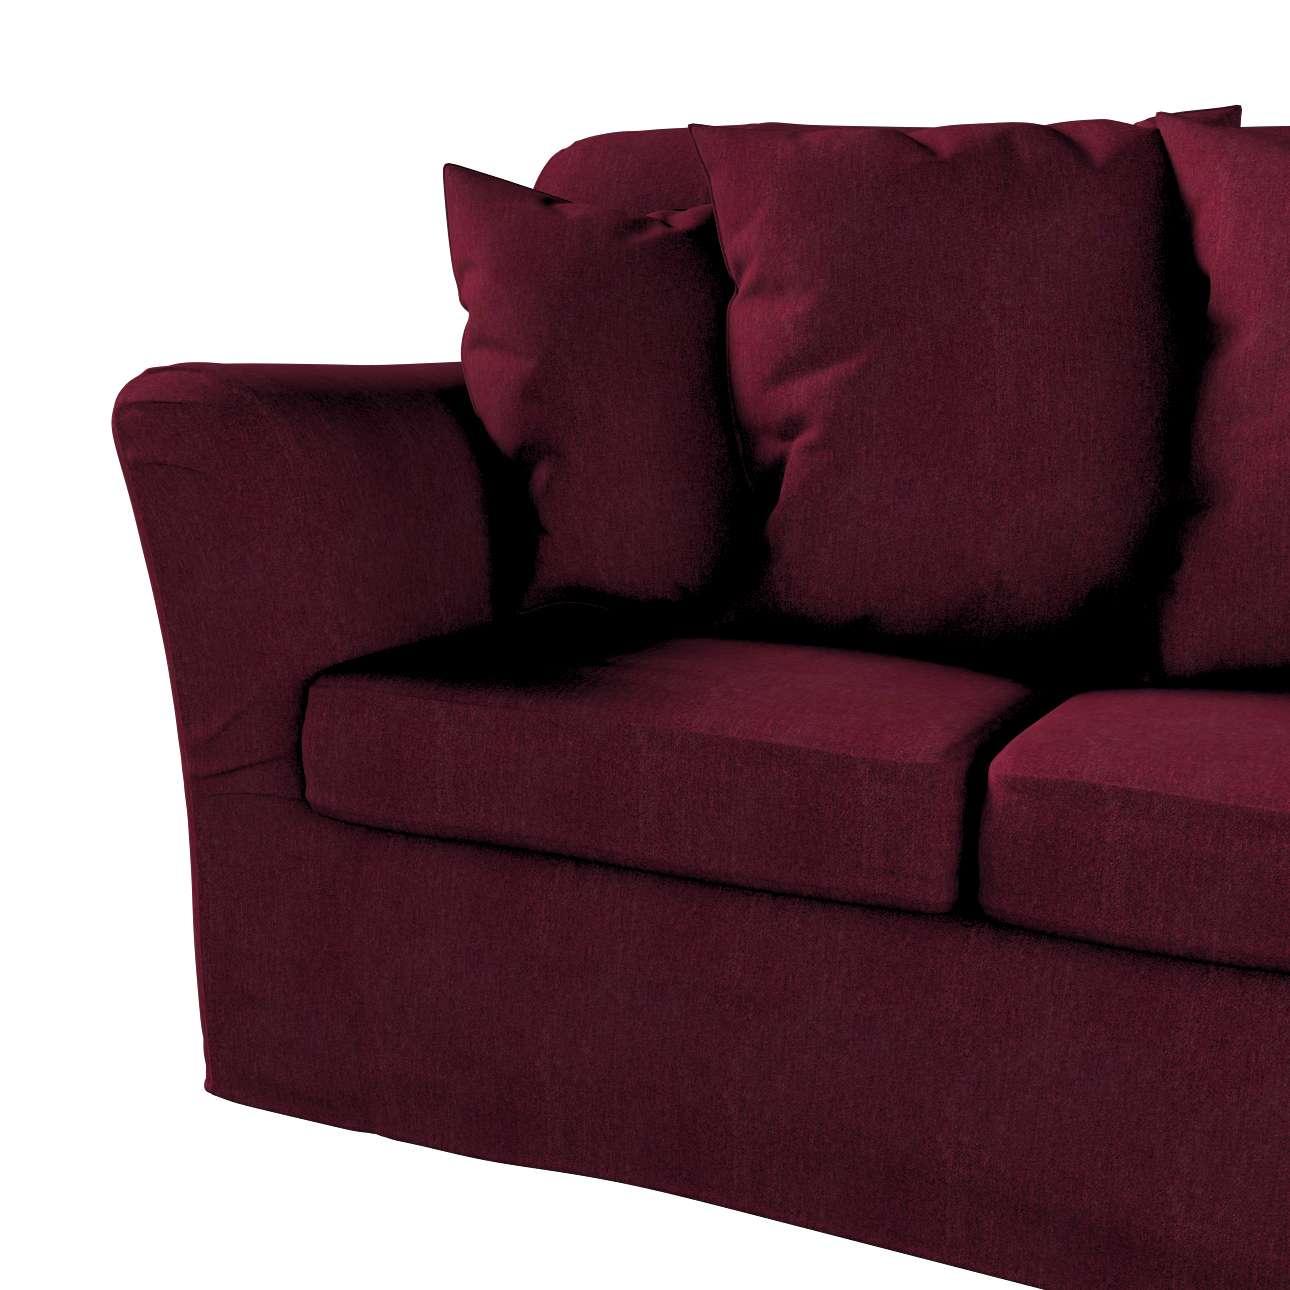 Pokrowiec na sofę Tomelilla 3-osobową nierozkładaną w kolekcji Chenille, tkanina: 702-19